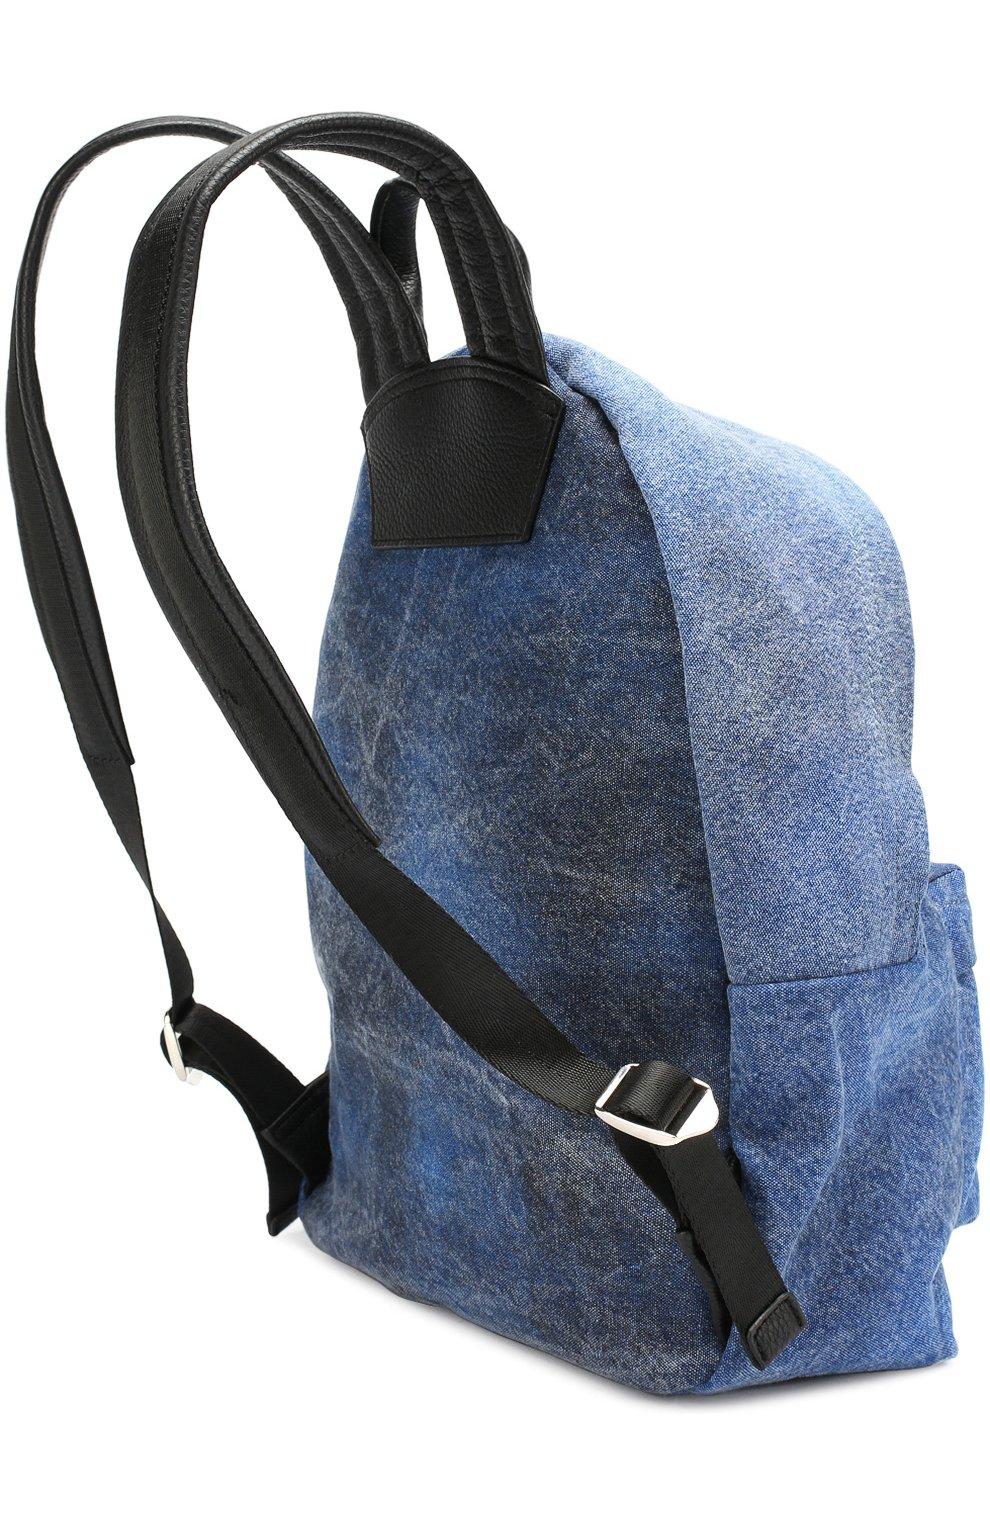 Текстильный рюкзак Flirting с вышивкой бисером | Фото №2